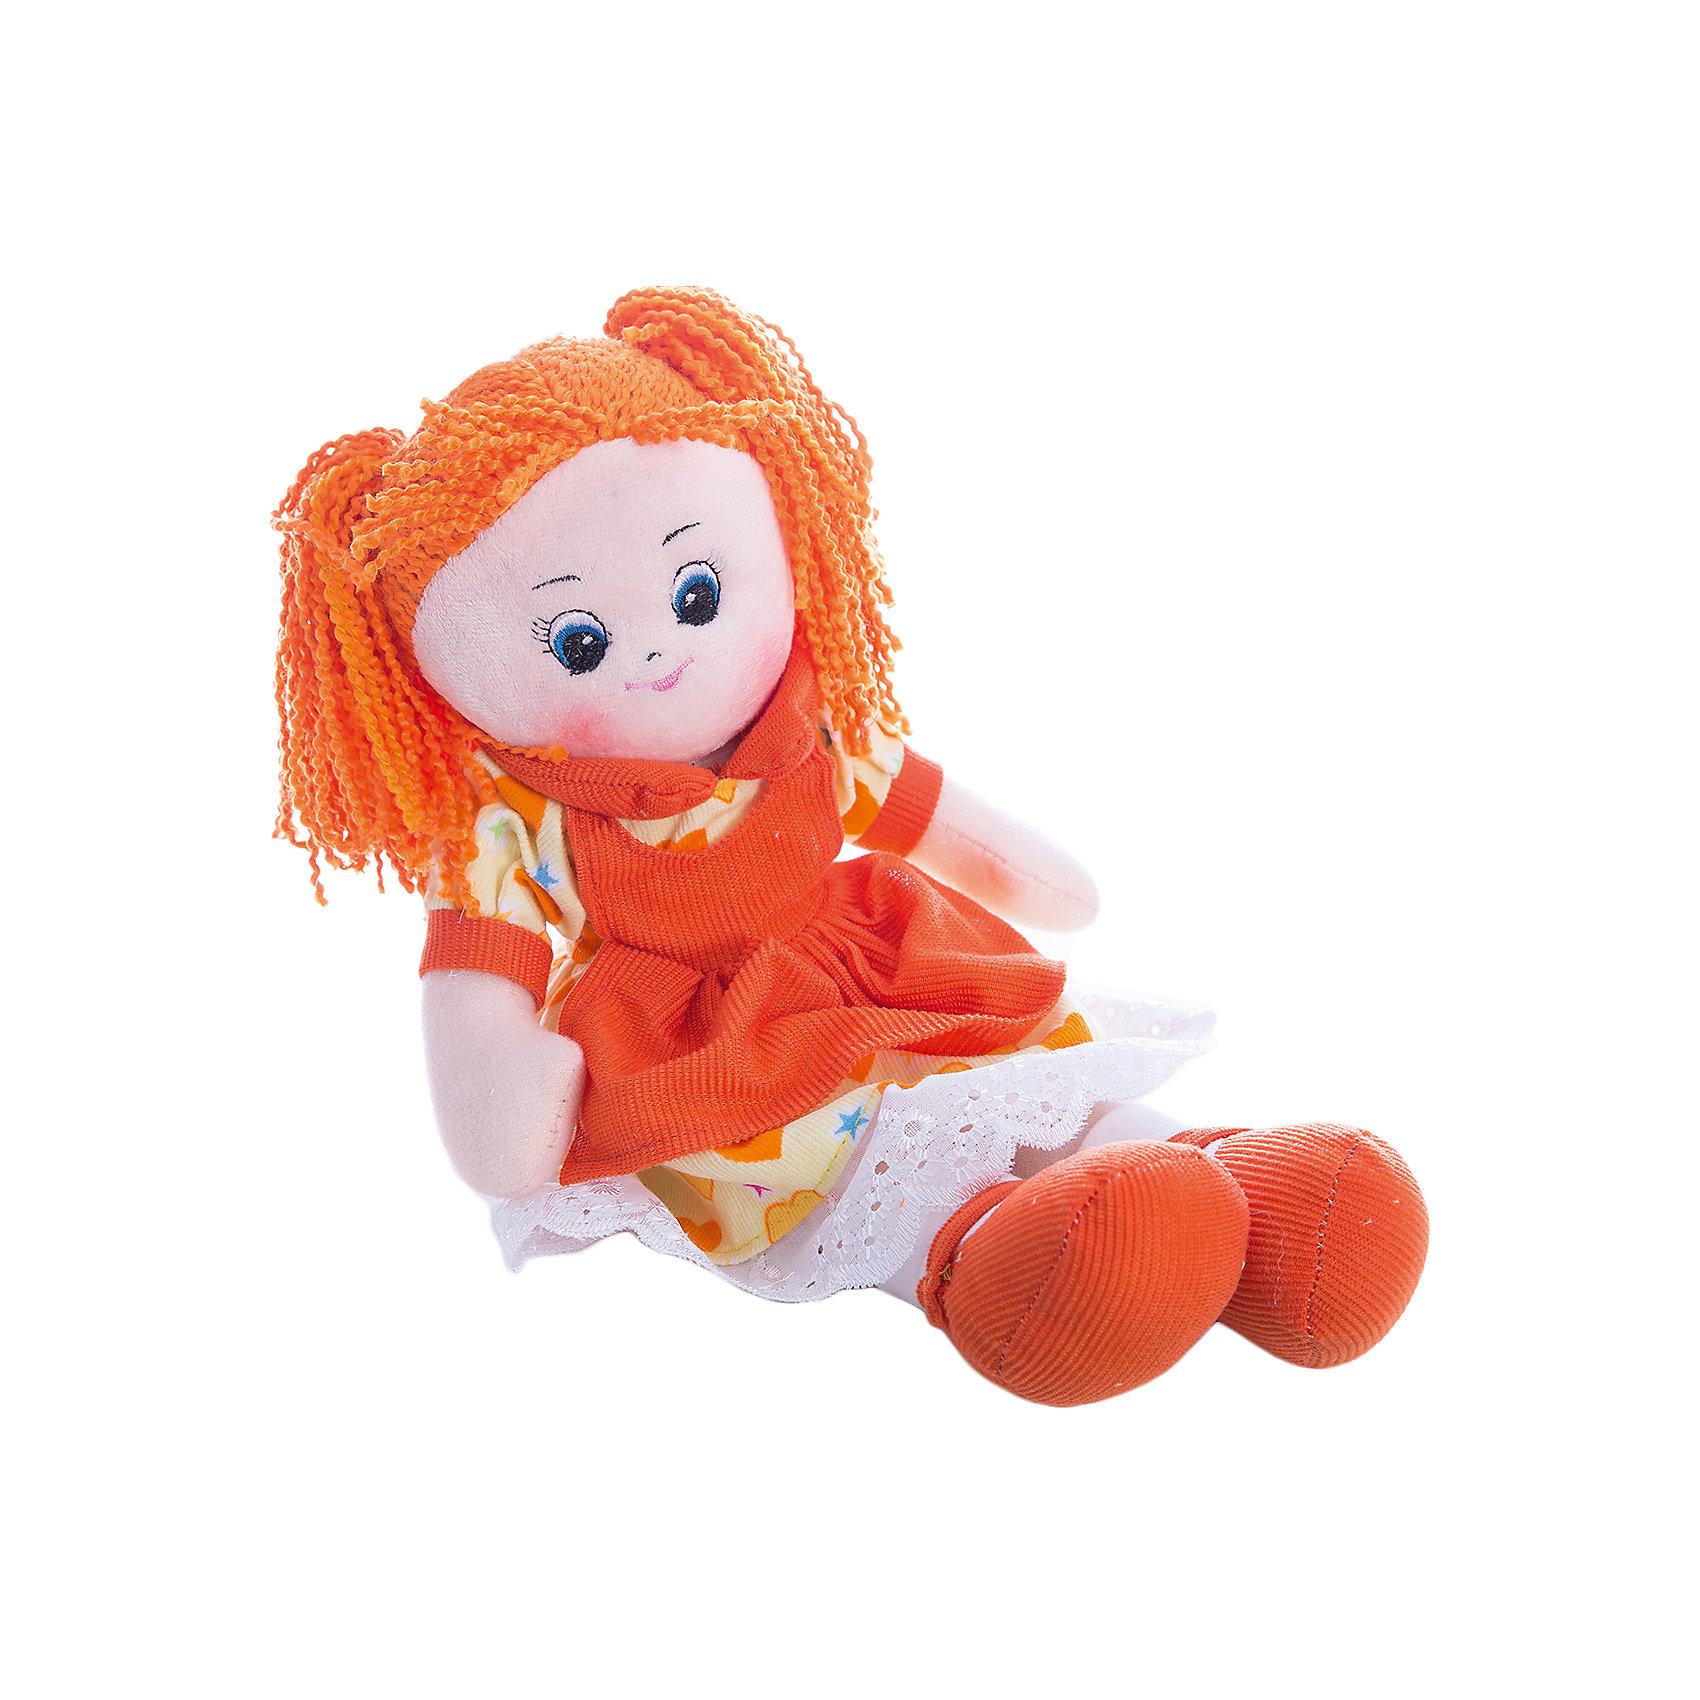 Кукла в платье с сердечками Апельсинка, 40 см, GulliverМягкие куклы<br>Эта рыжеволосая Апельсинка в ярком оранжевом платье от бренда Gulliver будет рада подружиться с Вашей малышкой и доставит ей много радости!<br><br>Куколка изготовлена из гипоаллергенного синтепона и высококачественного велюра, очень приятного на ощупь. Все материалы абсолютно безопасны для здоровья Вашего ребенка.<br><br>Игрушка не деформируется и не теряет внешний вид при машинной стирке.<br><br>Кукла в платье с сердечками Апельсинка от Gulliver станет прекрасным подарком для Вашей девочки!<br><br>Дополнительная информация:<br><br>- Высота куклы: 40 см<br>- Вес: 0,156 кг<br>- Материал: высококачественный плюш и гипоаллергенный синтепон<br>- Подходит для деликатной машинной стирки<br><br>Куклу Апельсинку от Gulliver легко купить в нашем интернет-магазине.<br><br>Ширина мм: 150<br>Глубина мм: 390<br>Высота мм: 80<br>Вес г: 312<br>Возраст от месяцев: 24<br>Возраст до месяцев: 84<br>Пол: Женский<br>Возраст: Детский<br>SKU: 3360866